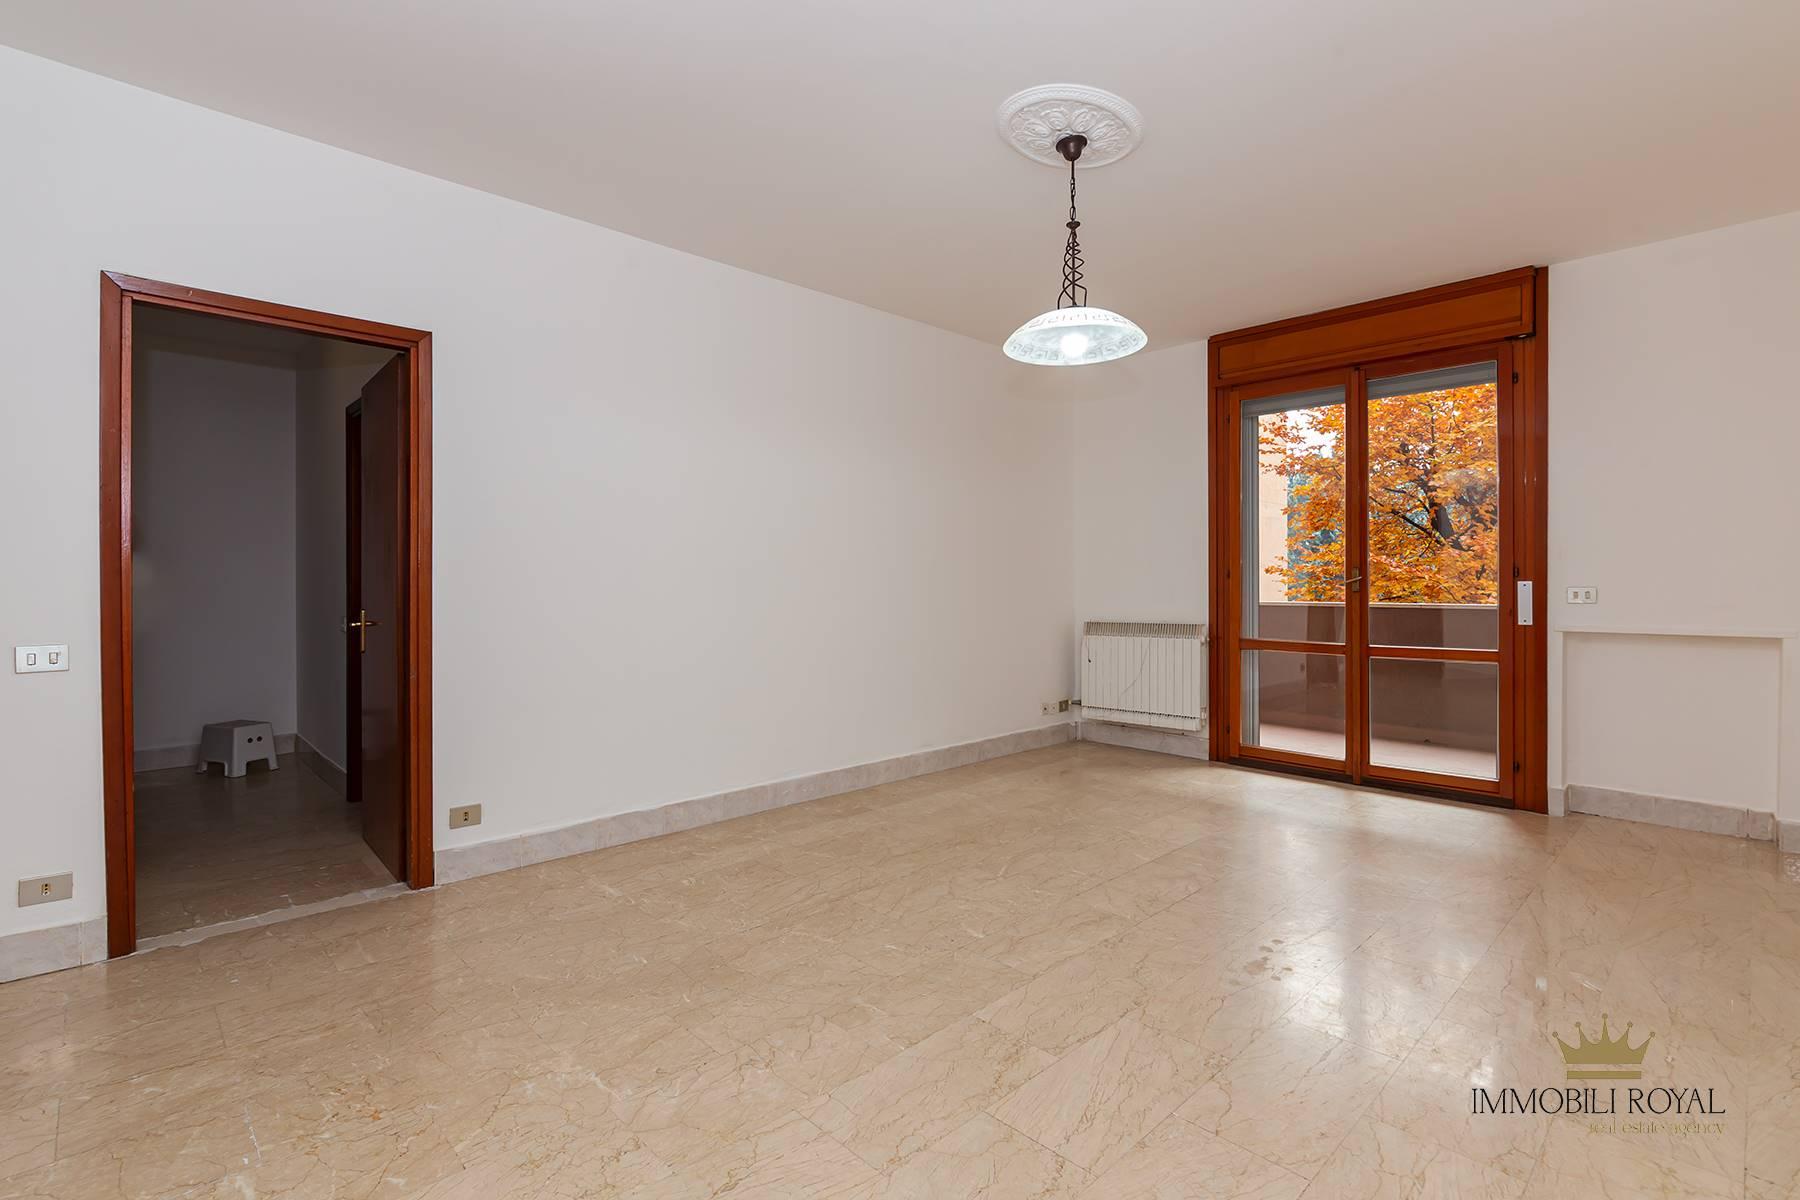 Appartamento in affitto a Settimo Milanese, 3 locali, zona ro, prezzo € 850   PortaleAgenzieImmobiliari.it